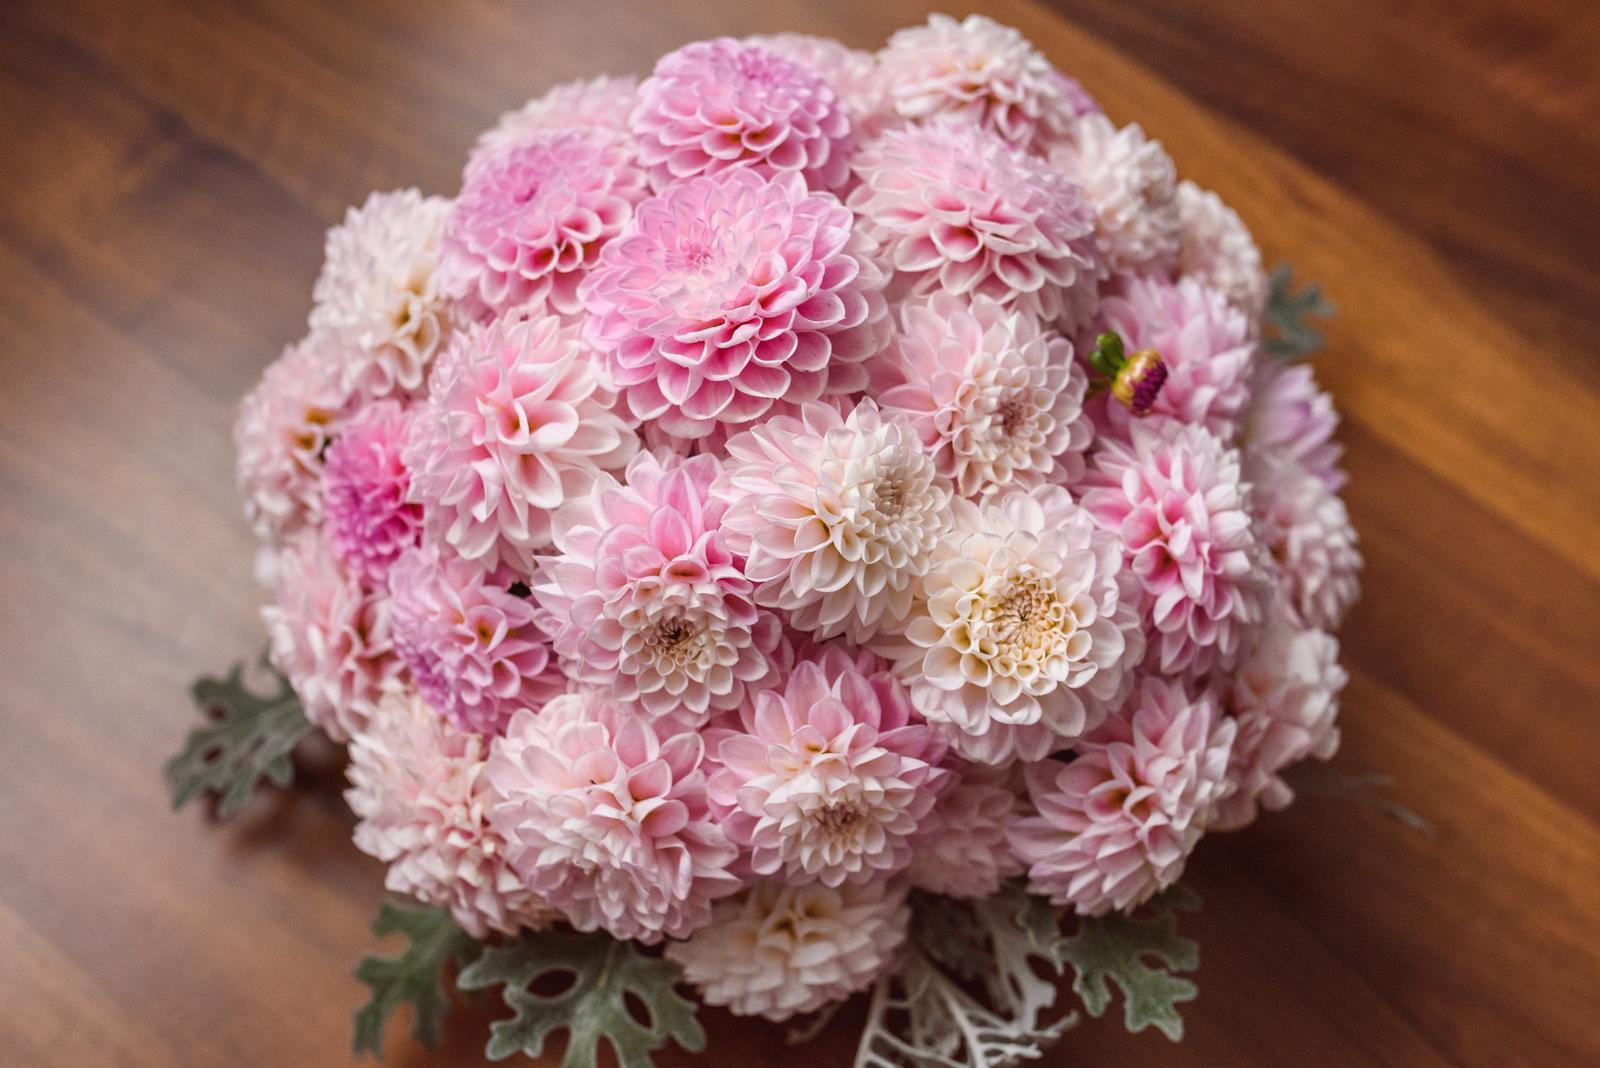 Vo víre kvetov... - Aranžmán ala Korytnačka z vyše 40 dálií :-) Prečo nie...